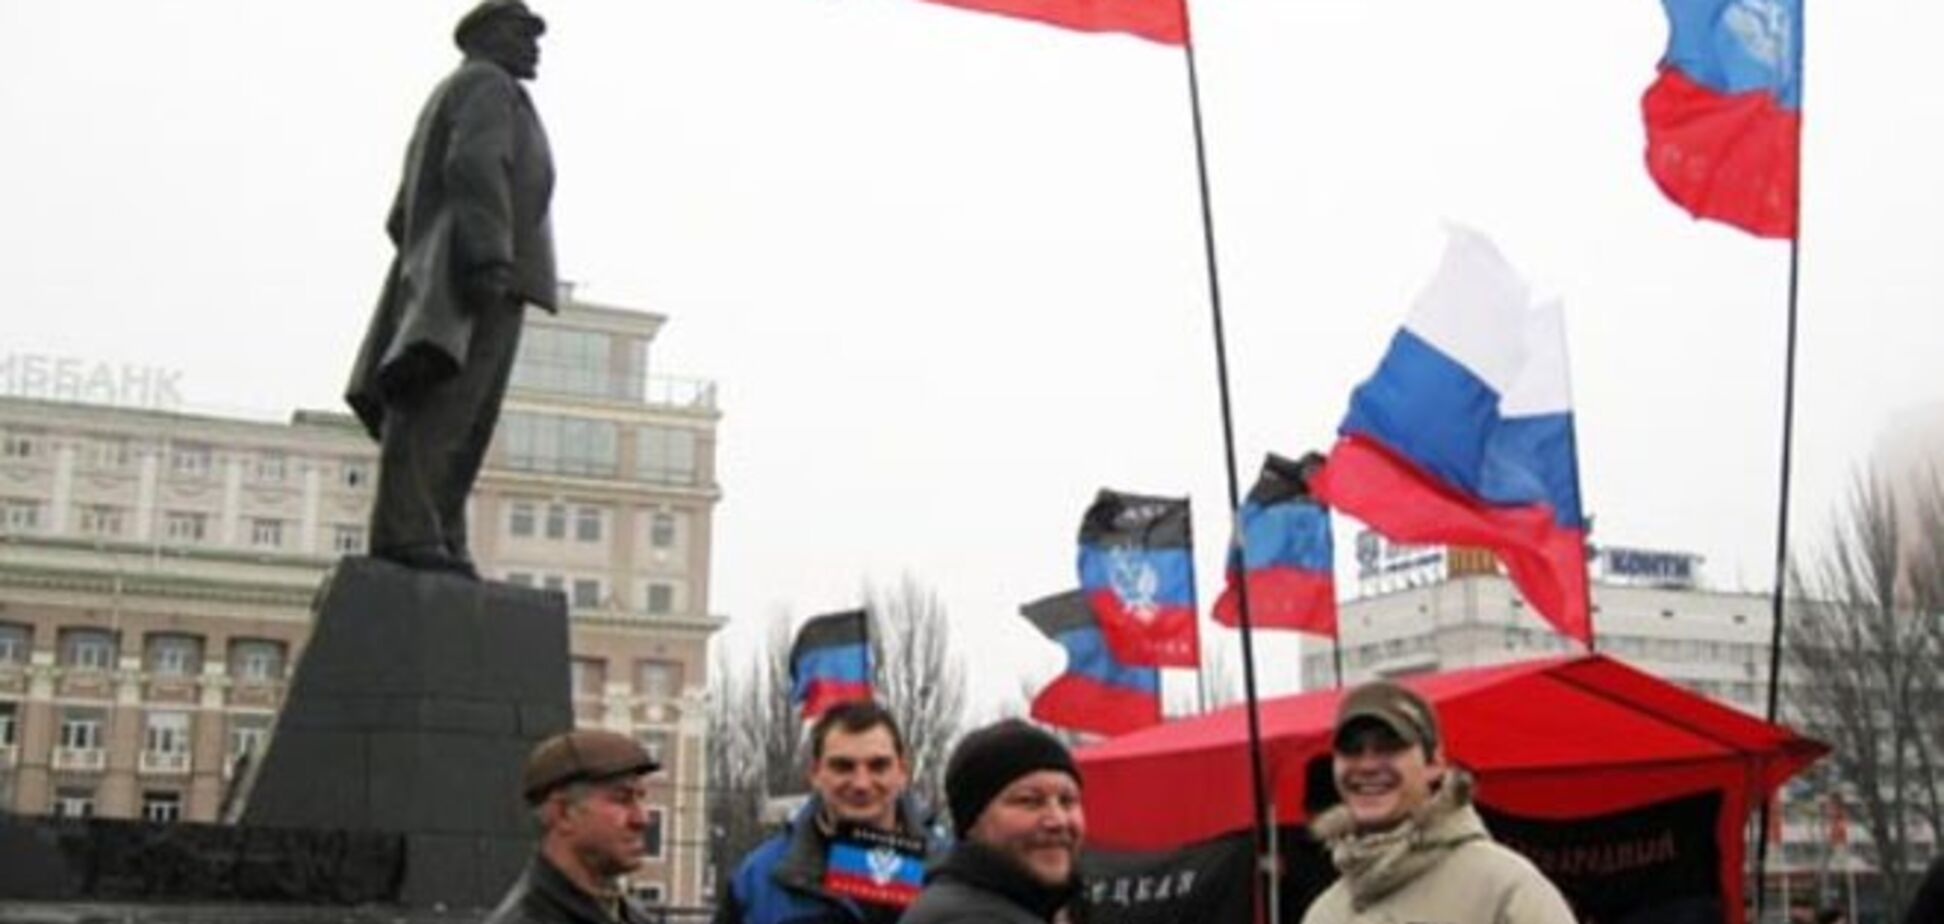 Открыто, в центре города. 'ДНР' создали еще в 2009 году: фотодоказательства и документ